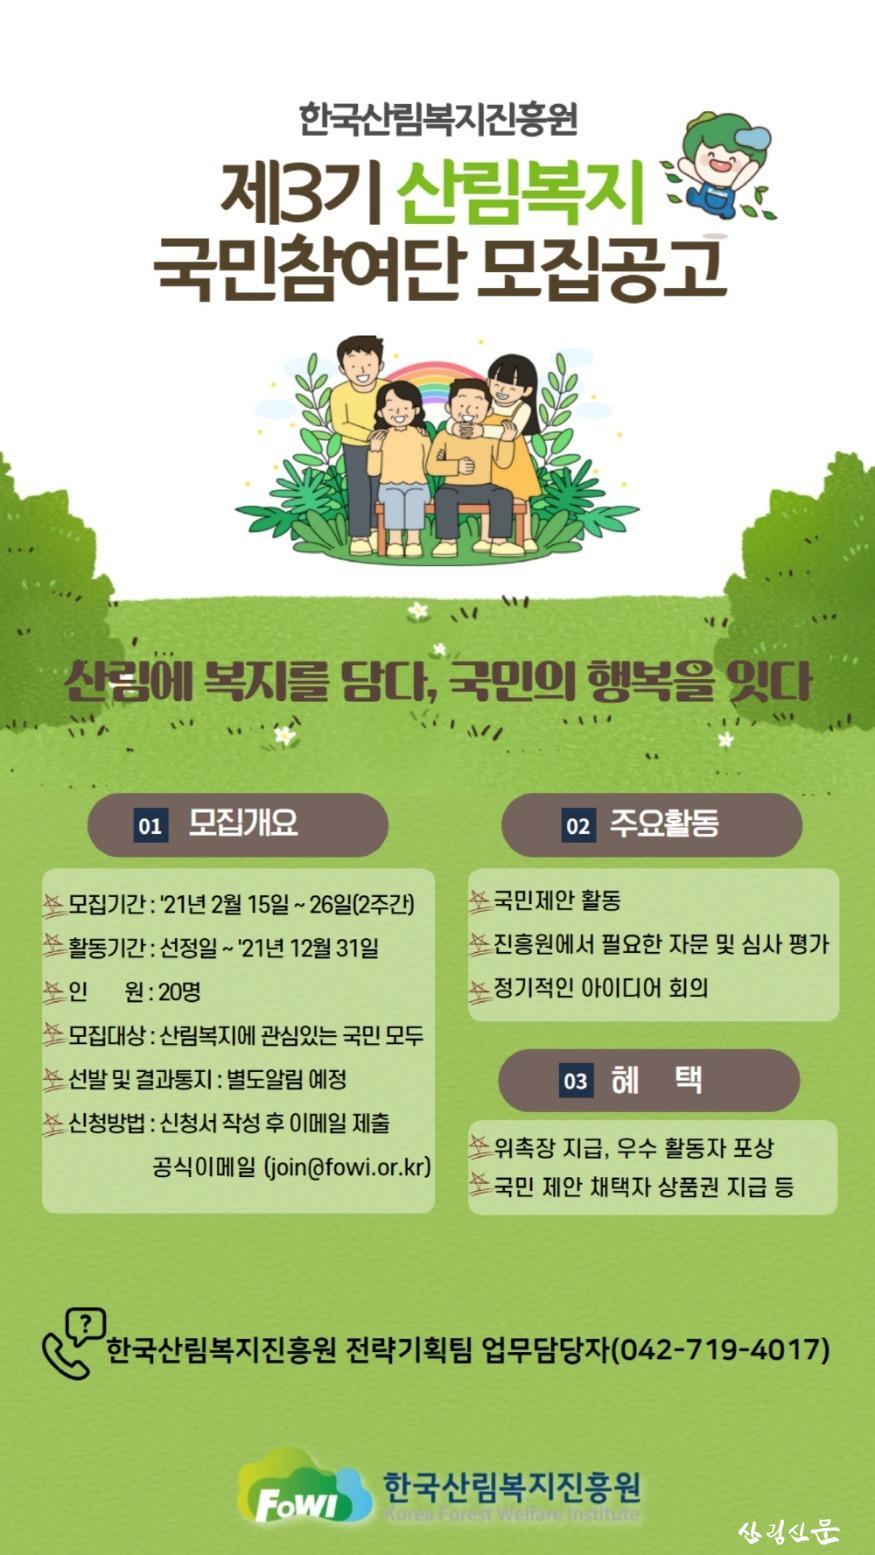 (사진1) 3기 국민참여단 모집 포스터.jpg